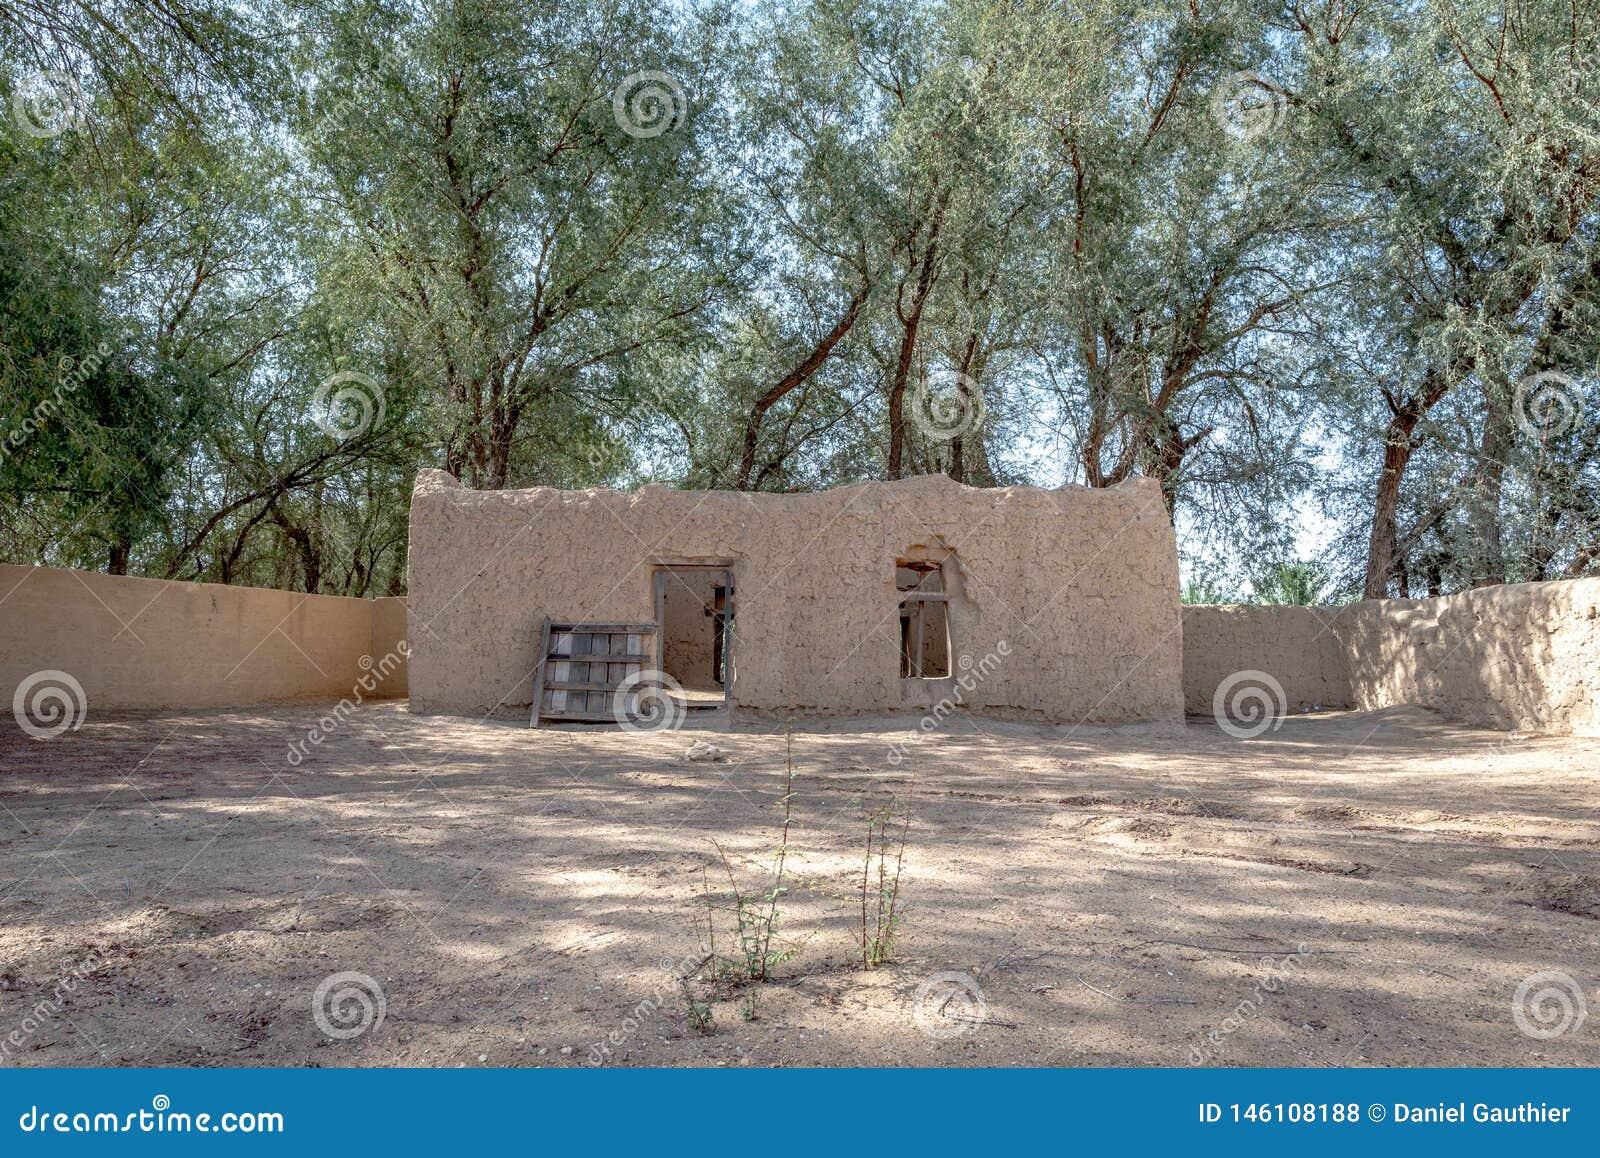 Μακρινή άποψη του σπιτιού Al Dahiri στην όαση Al Qattara, Al Ain